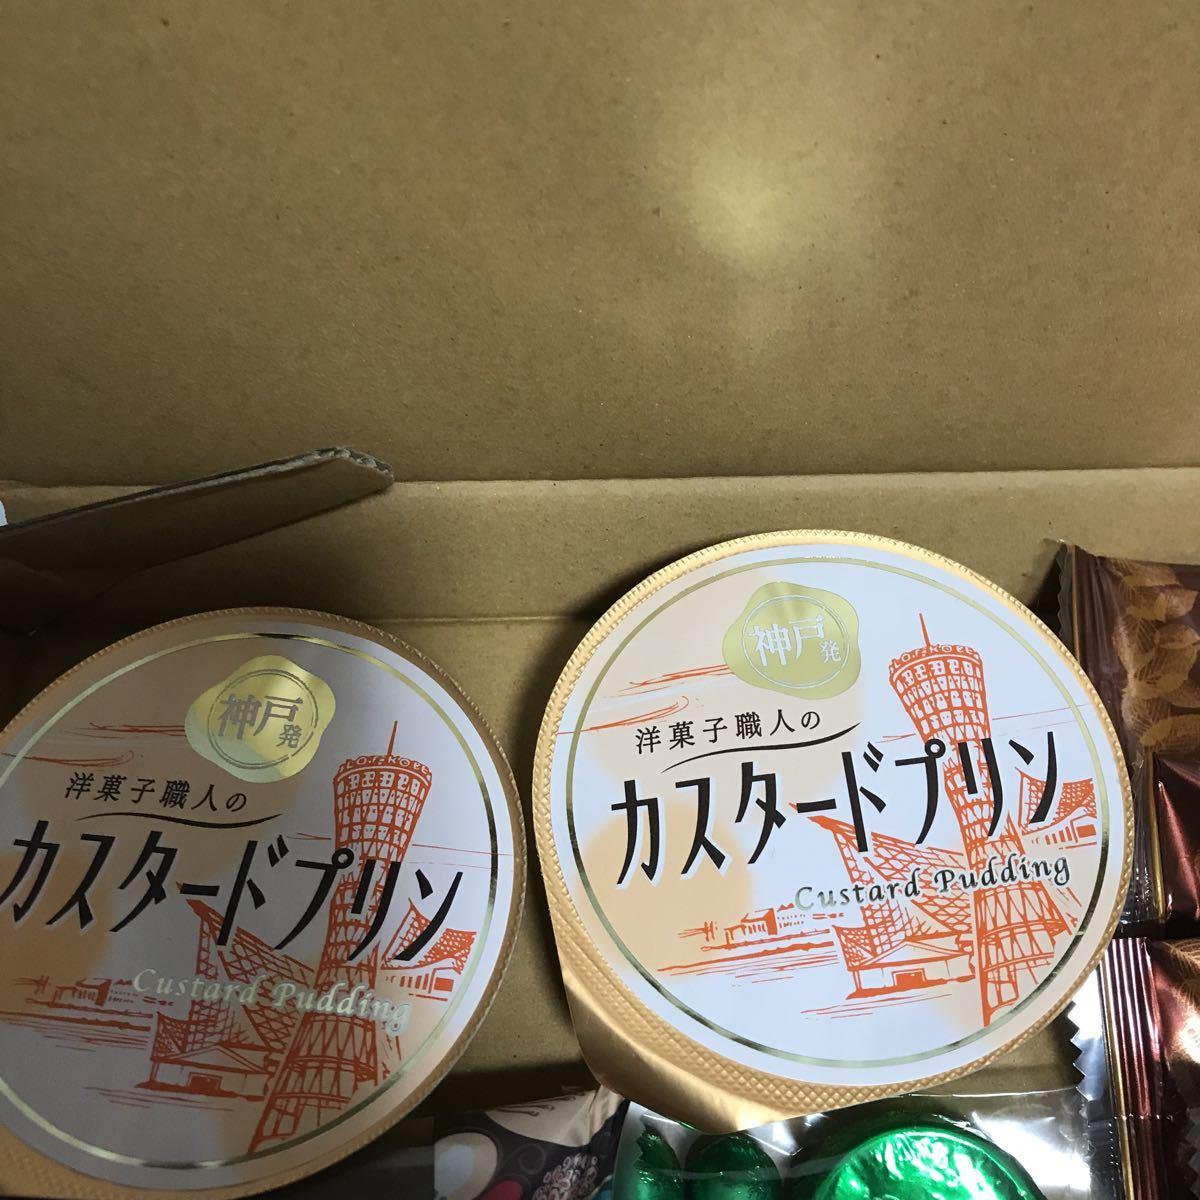 おお菓子詰め合わせ ロイスダール アマンドリーフパイ&神戸カスタードプリン&千疋屋フルーツタルト、高級フロランタン入り_画像4